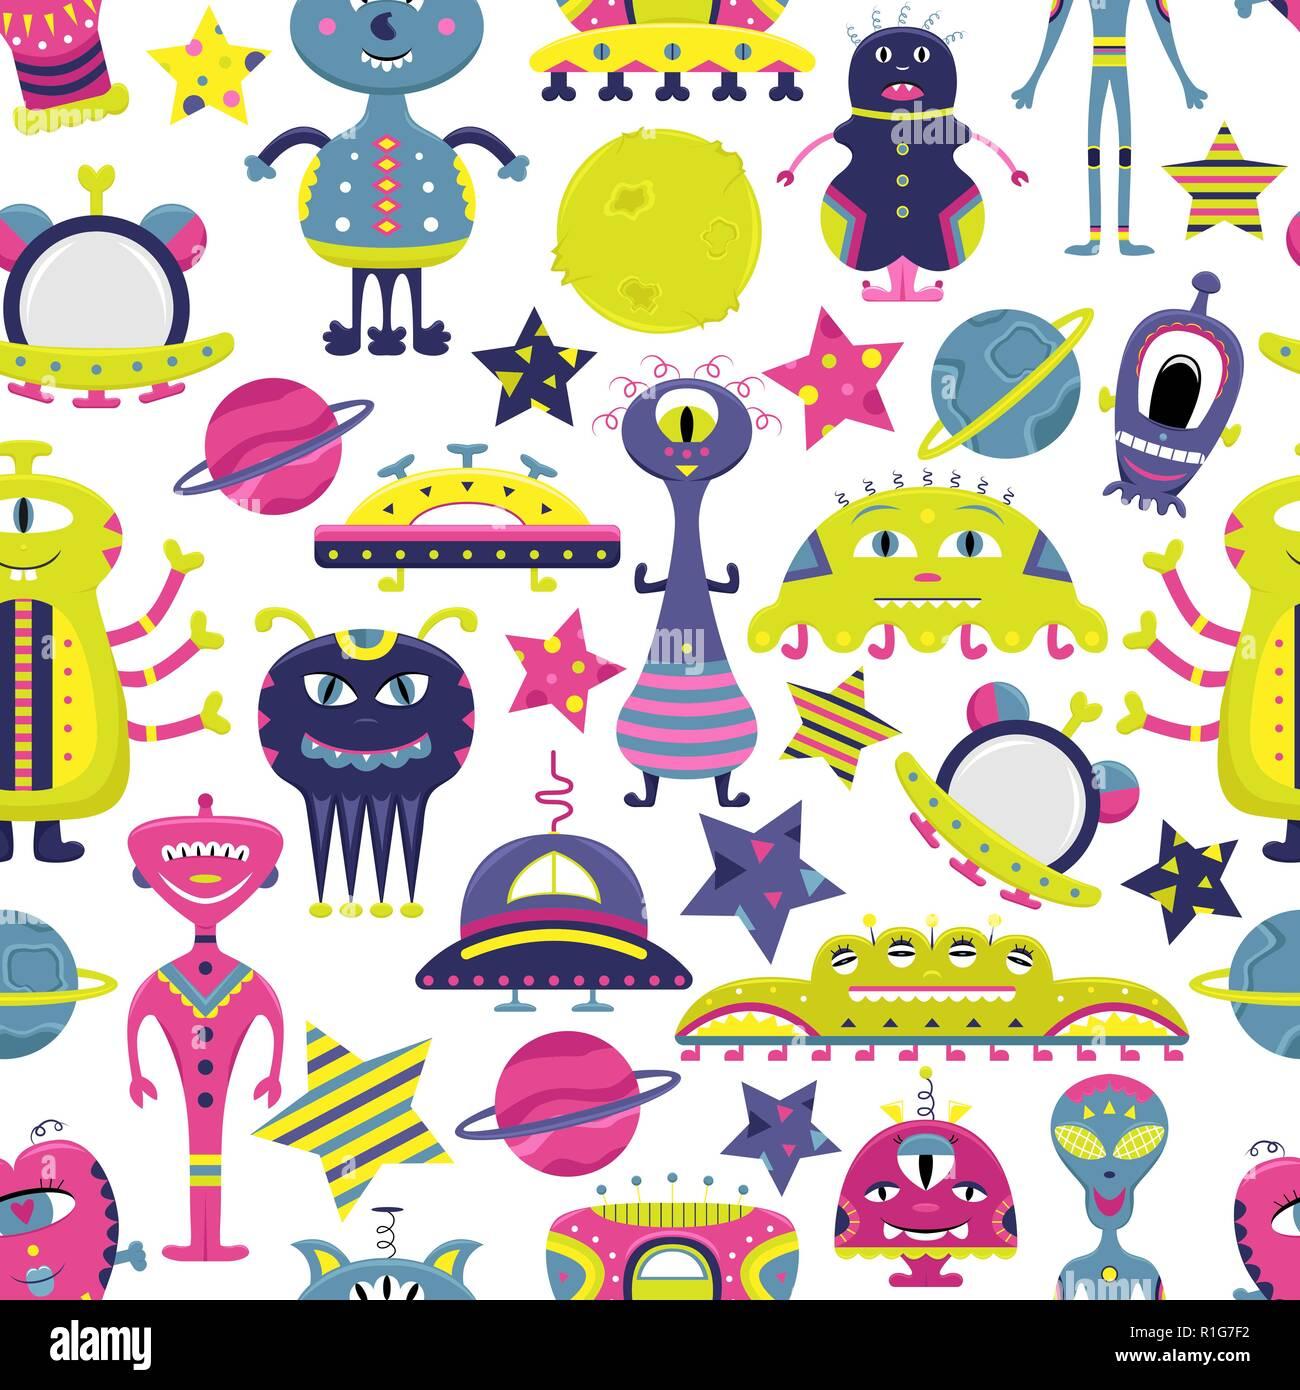 Le vector cartoon motif transparent avec télévision, des vaisseaux spatiaux étrangers, les planètes, les satellites et le cosmonaute. Personnages loufoques. Illustration de Vecteur